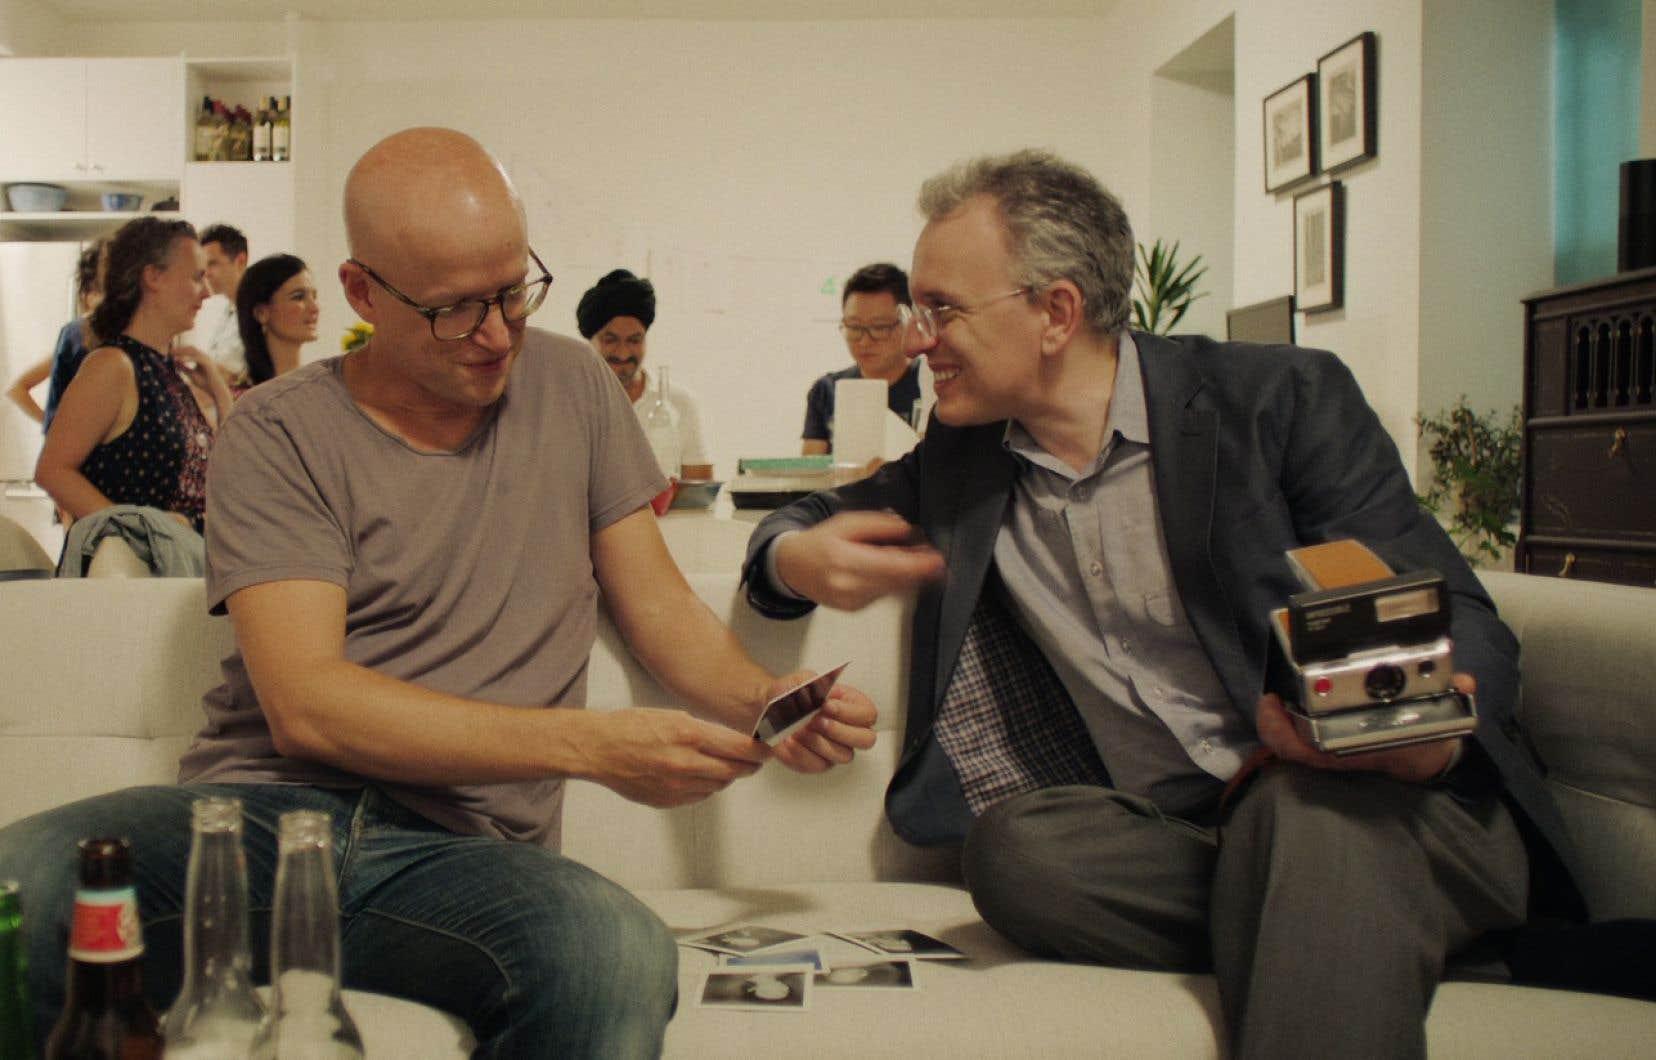 Le documentariste néerlandais partage cette fascination du Polaroïd dans «Instant Dreams», particulièrement pour l'ingénieuse formule chimique mise au point par Edwin Land.